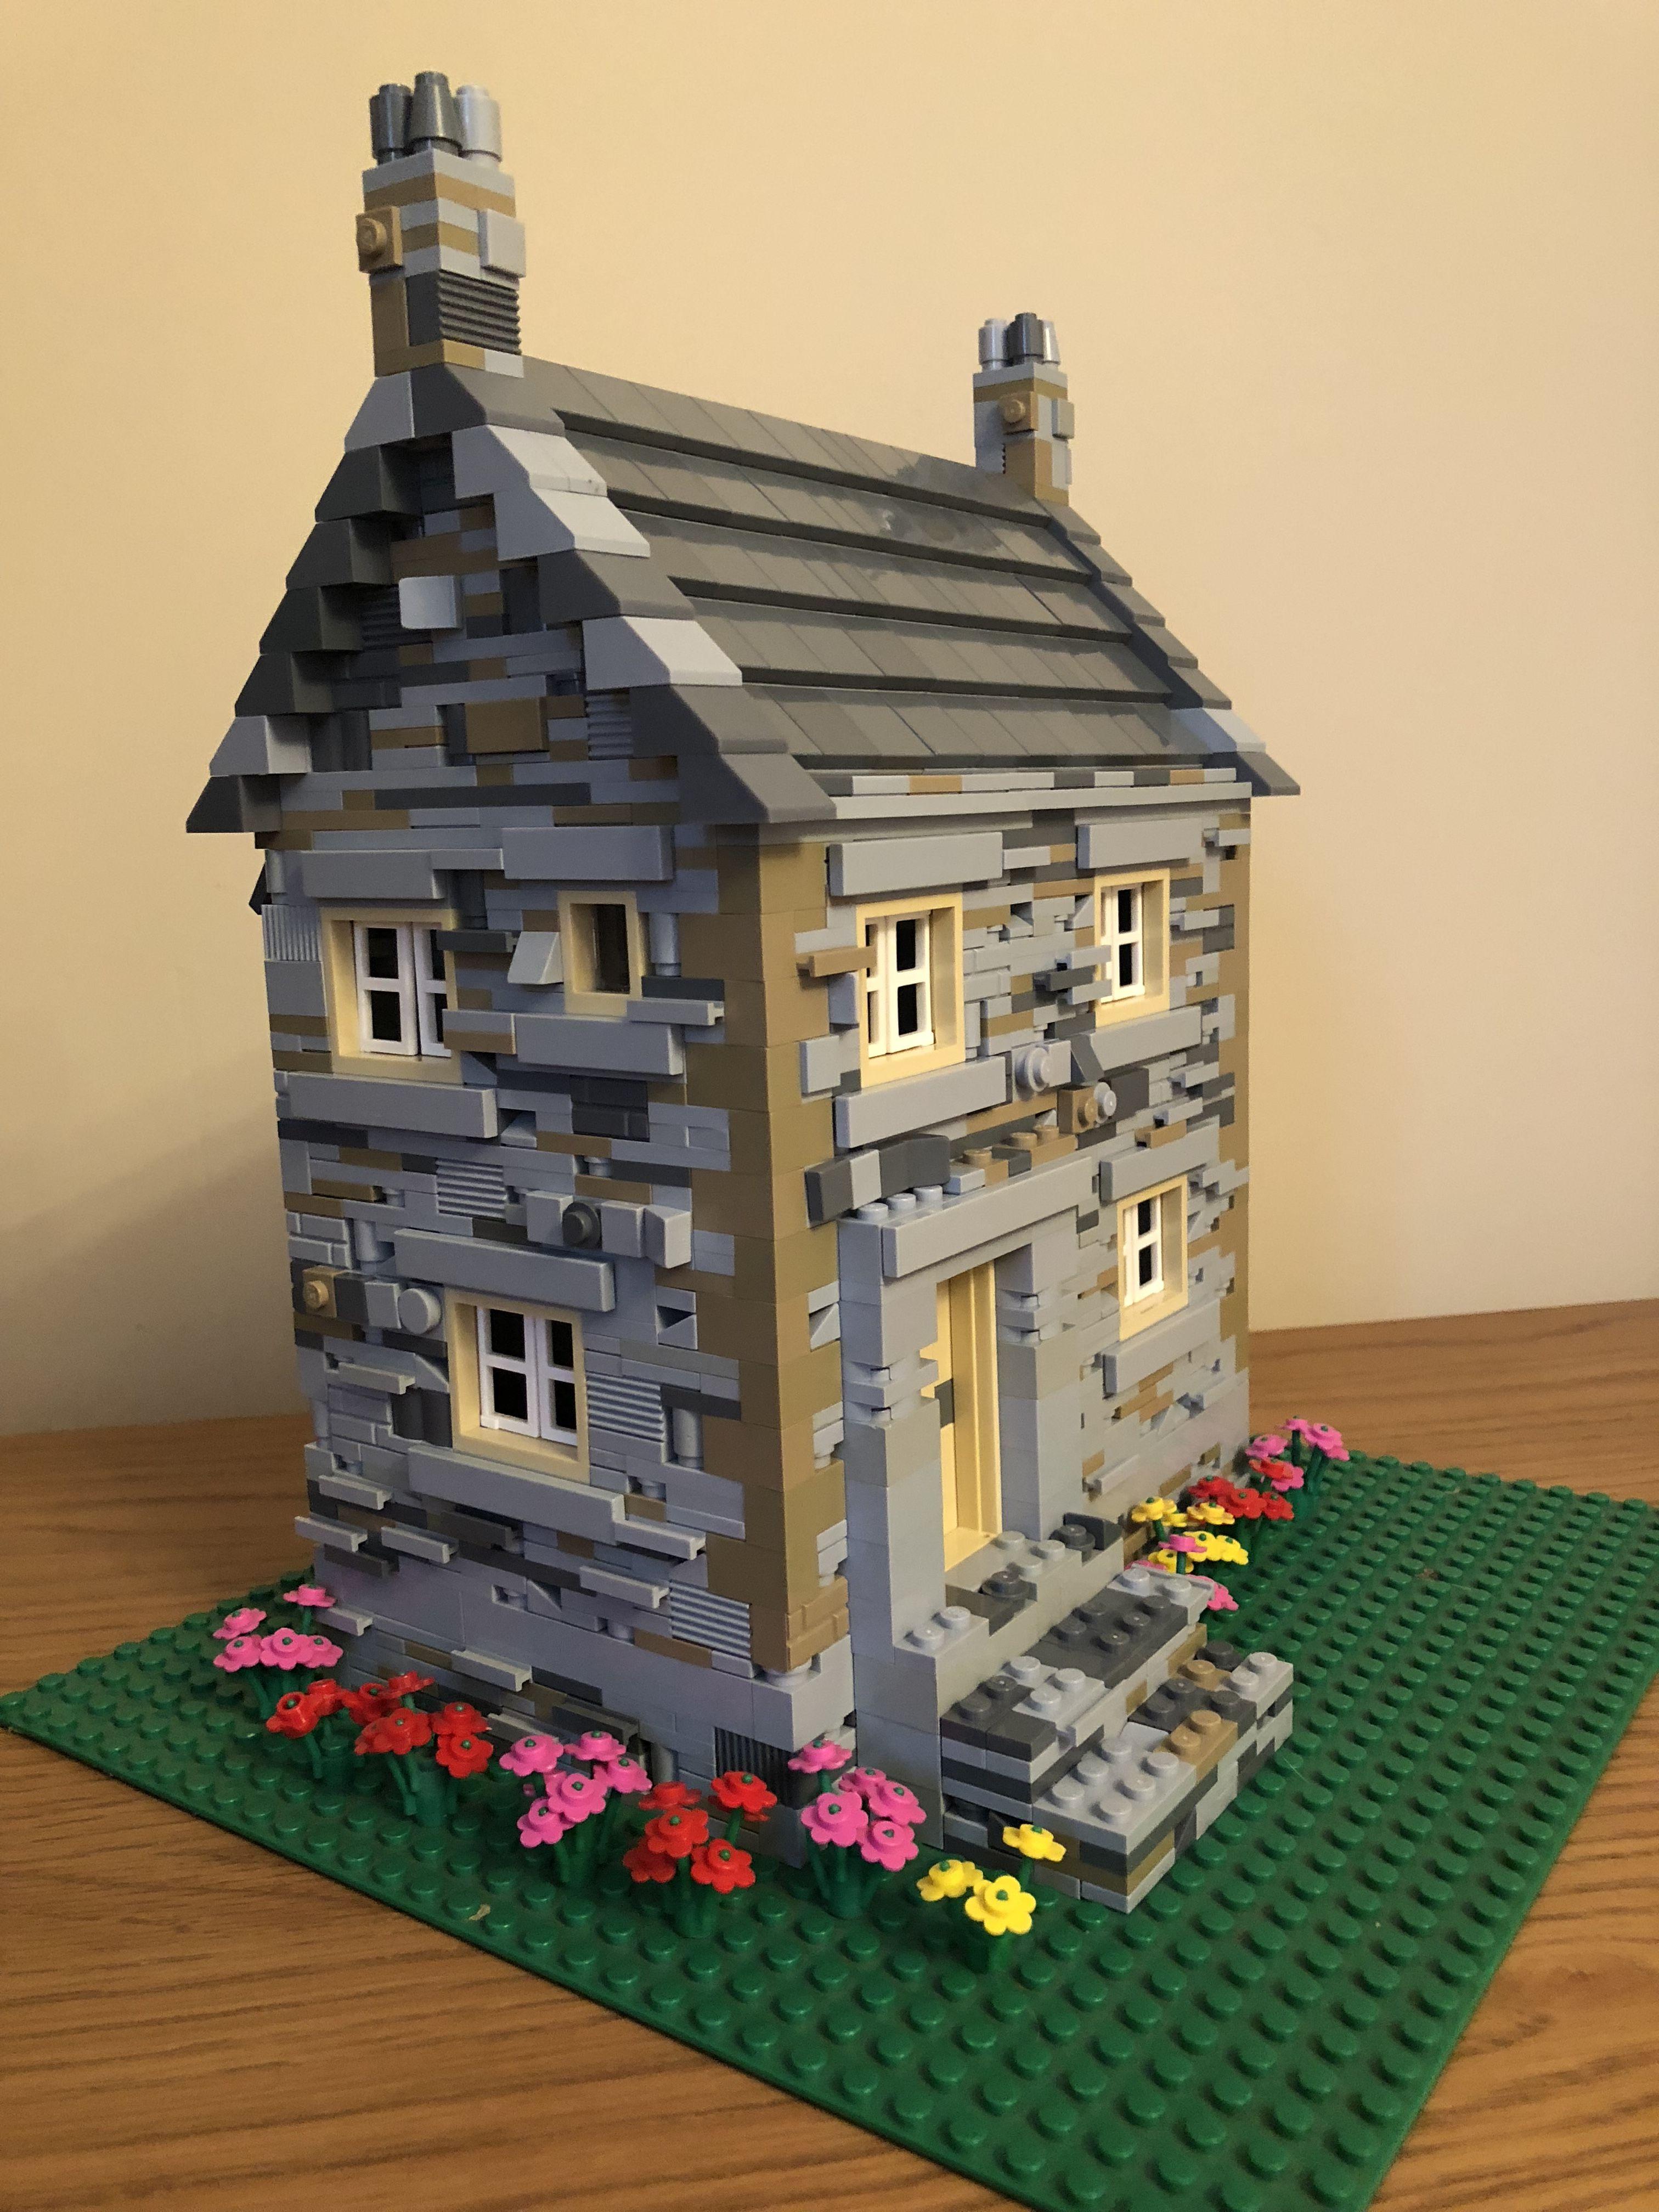 Wange World Architecture Corner Shop Building 2332 piece compatible blocks model